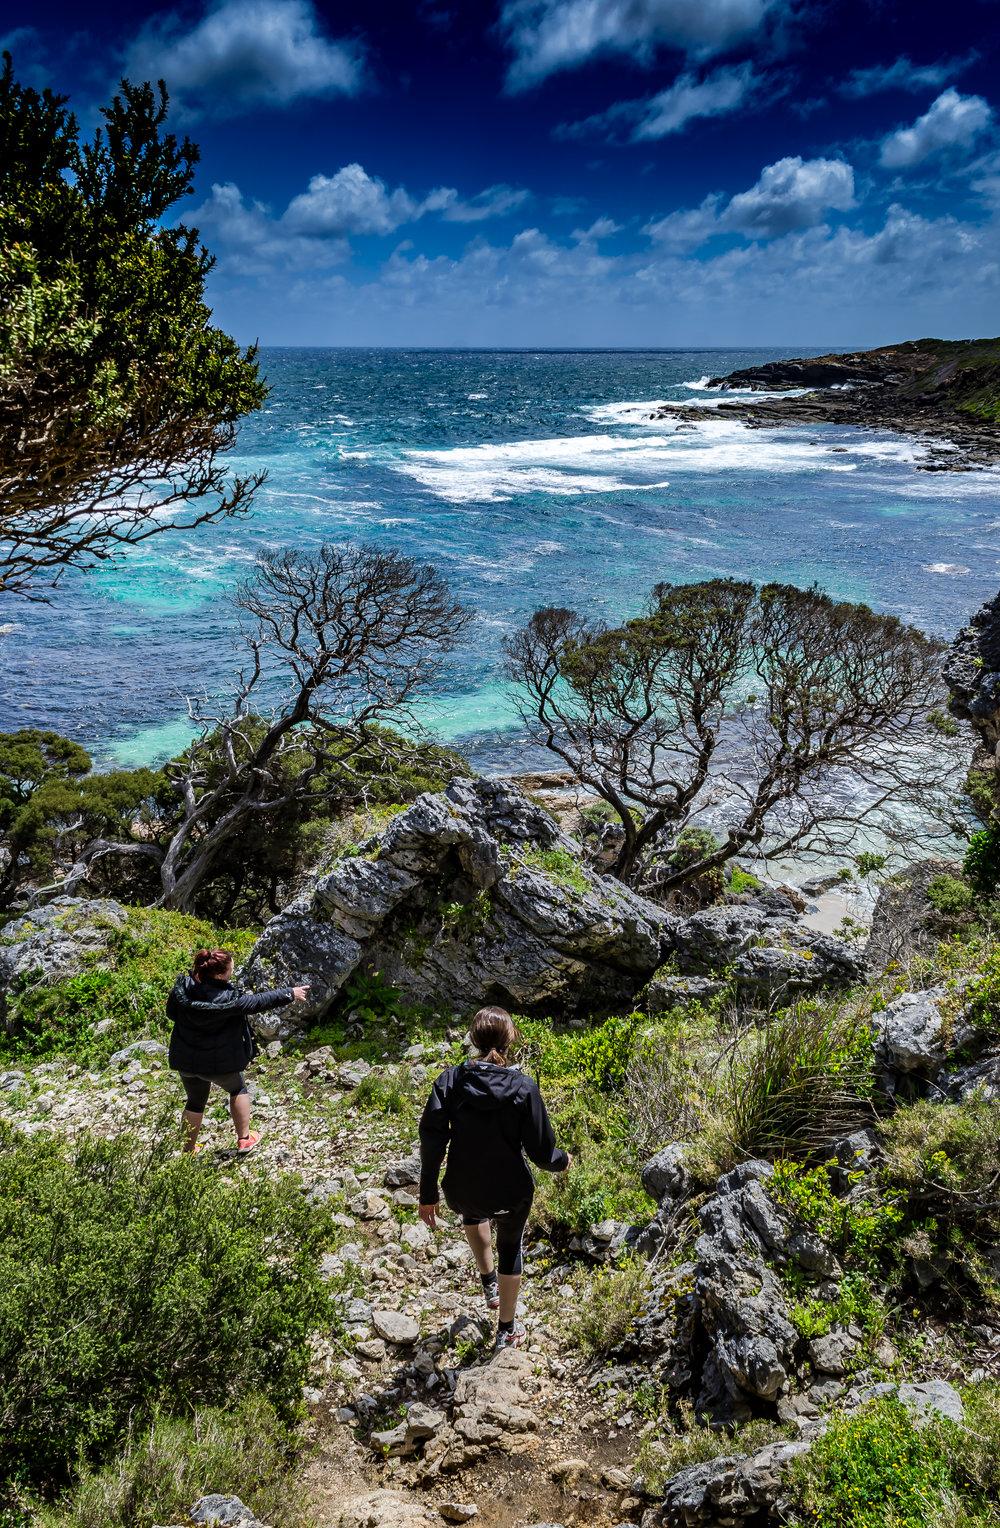 Cape to Cape walking tour